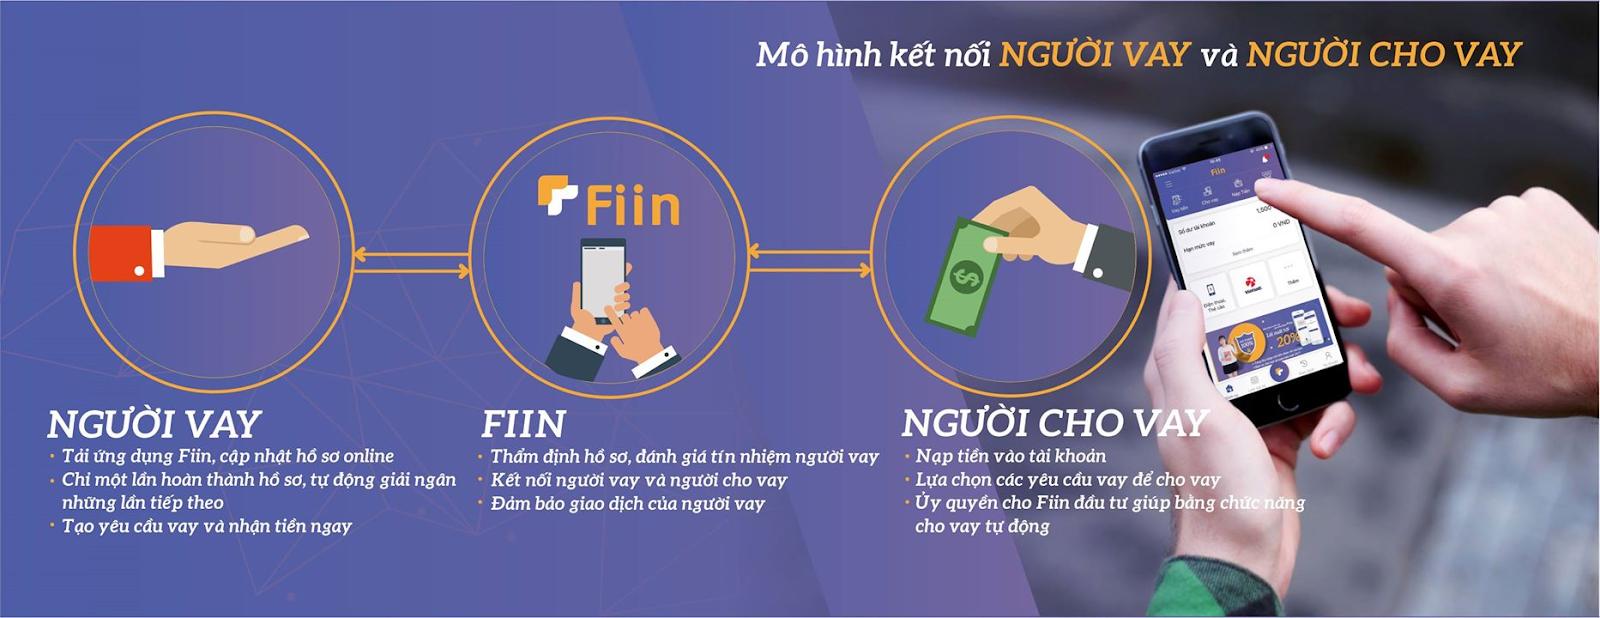 Mô hình P2P được đánh giá là tiện lợi, minh bạch, phù hợp với nhu cầu tài chính của người Việt, đặc biệt là khi sinh viên vay tiền.